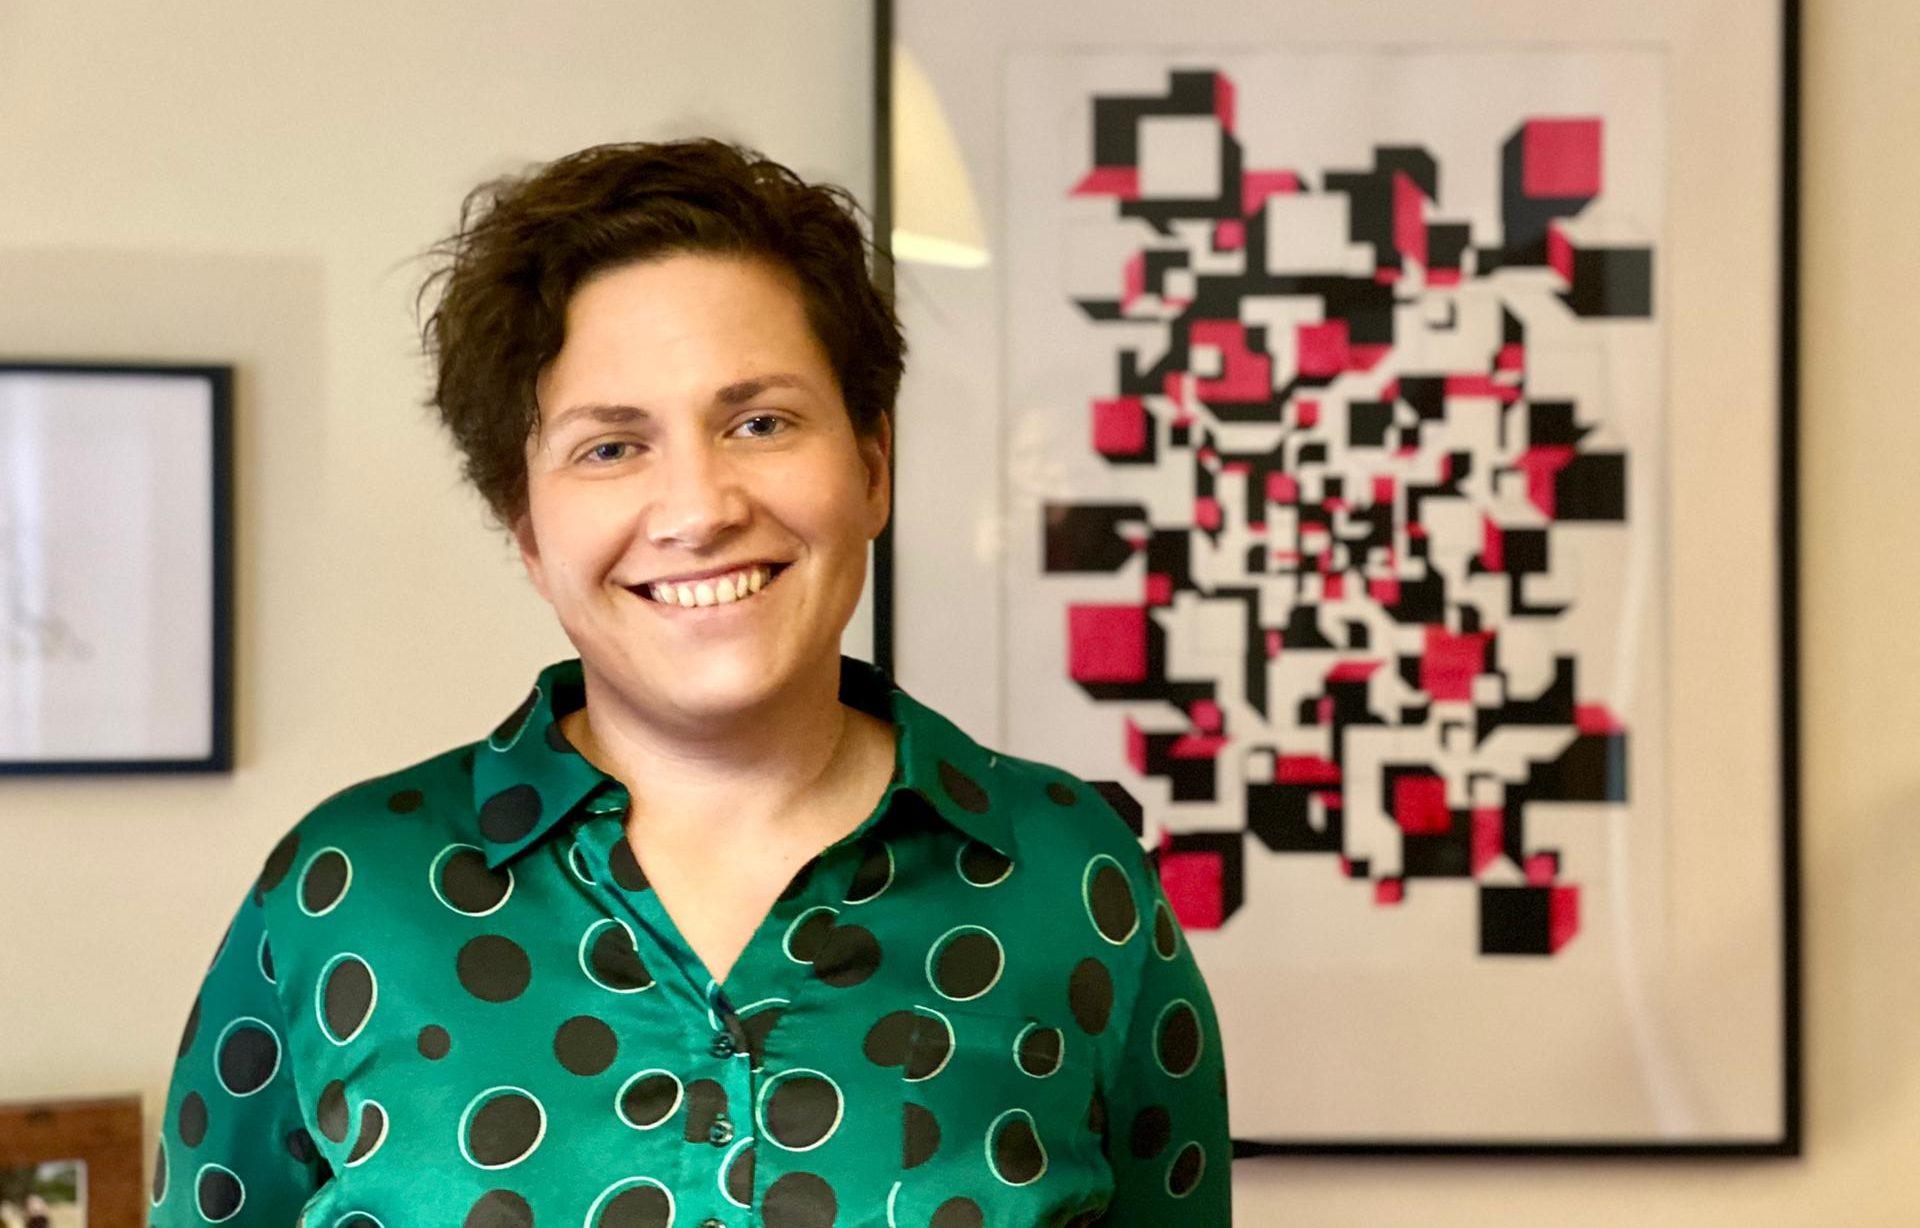 """Entrevista a Fátima Teles: """"A arte para mim passa por aí, é uma forma de comunicar"""""""